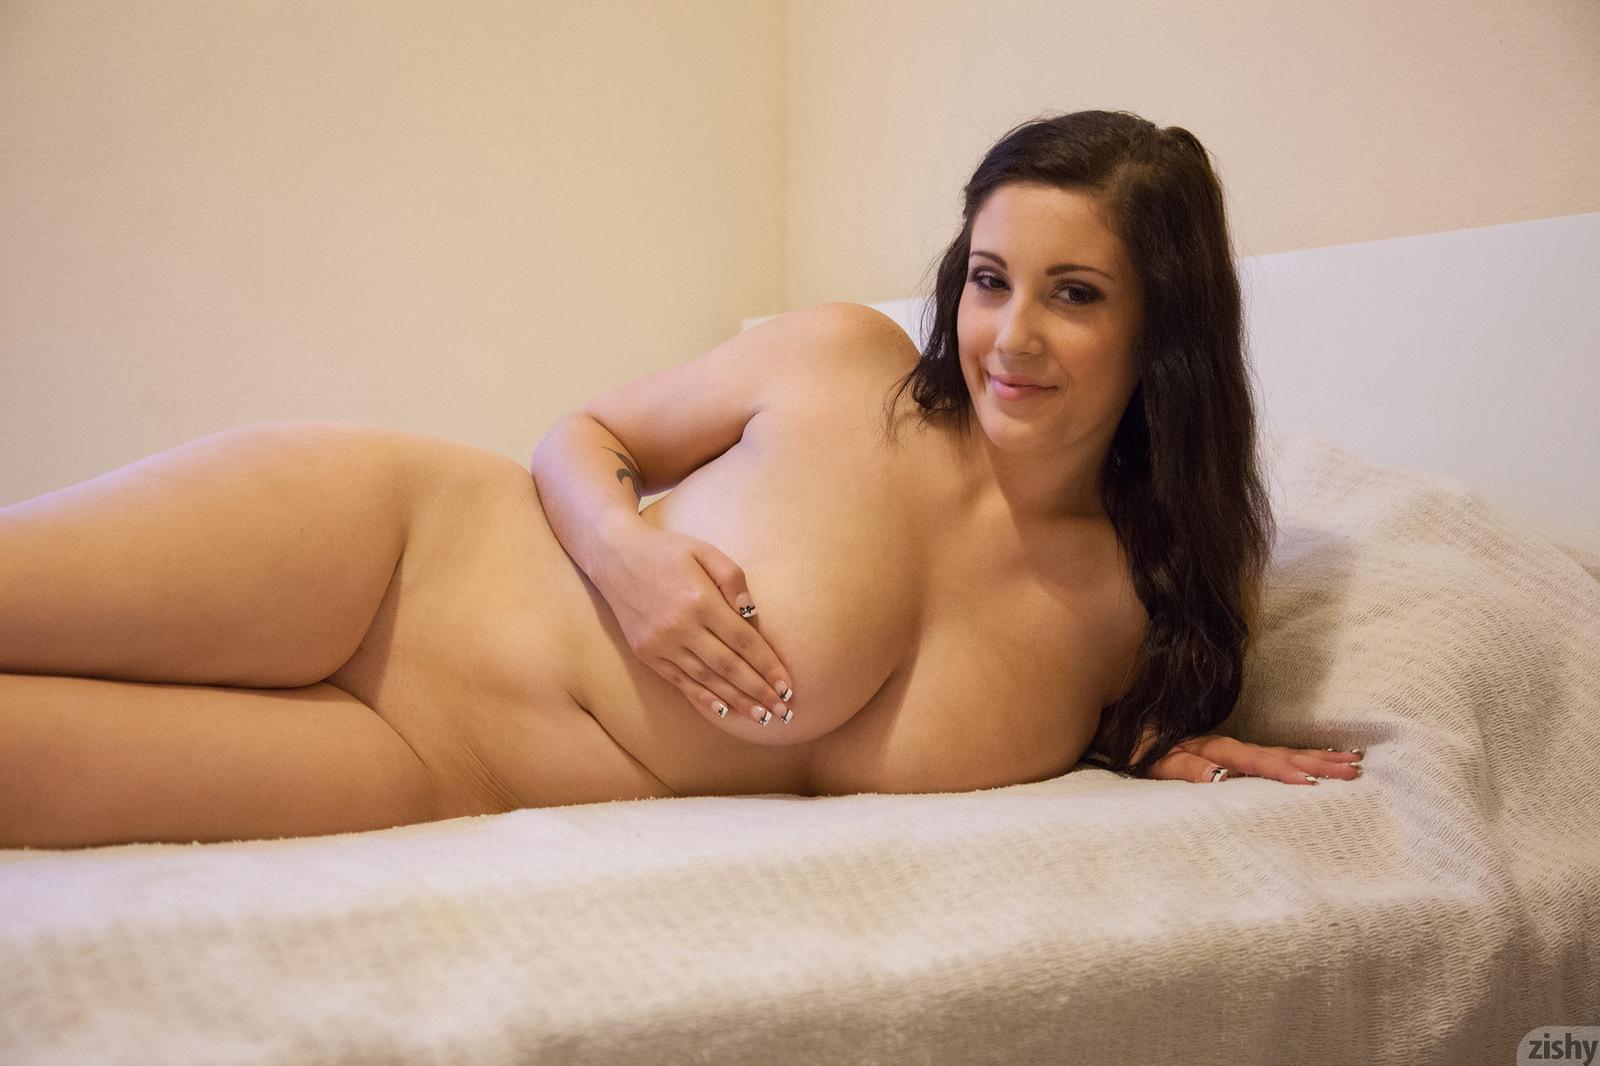 Эротика женщин плотного телосложения, смотреть телочку напоили и раздели